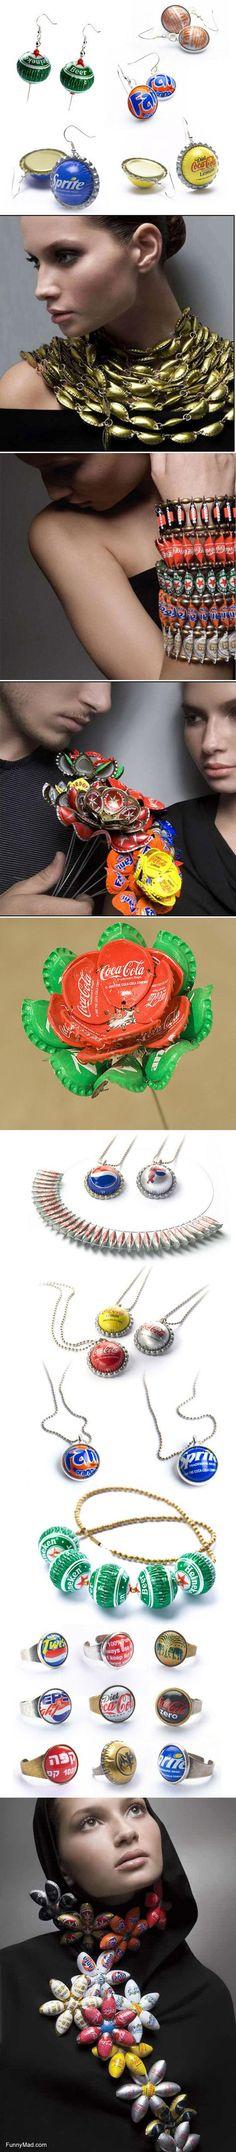 Bottle Cap Jewelry